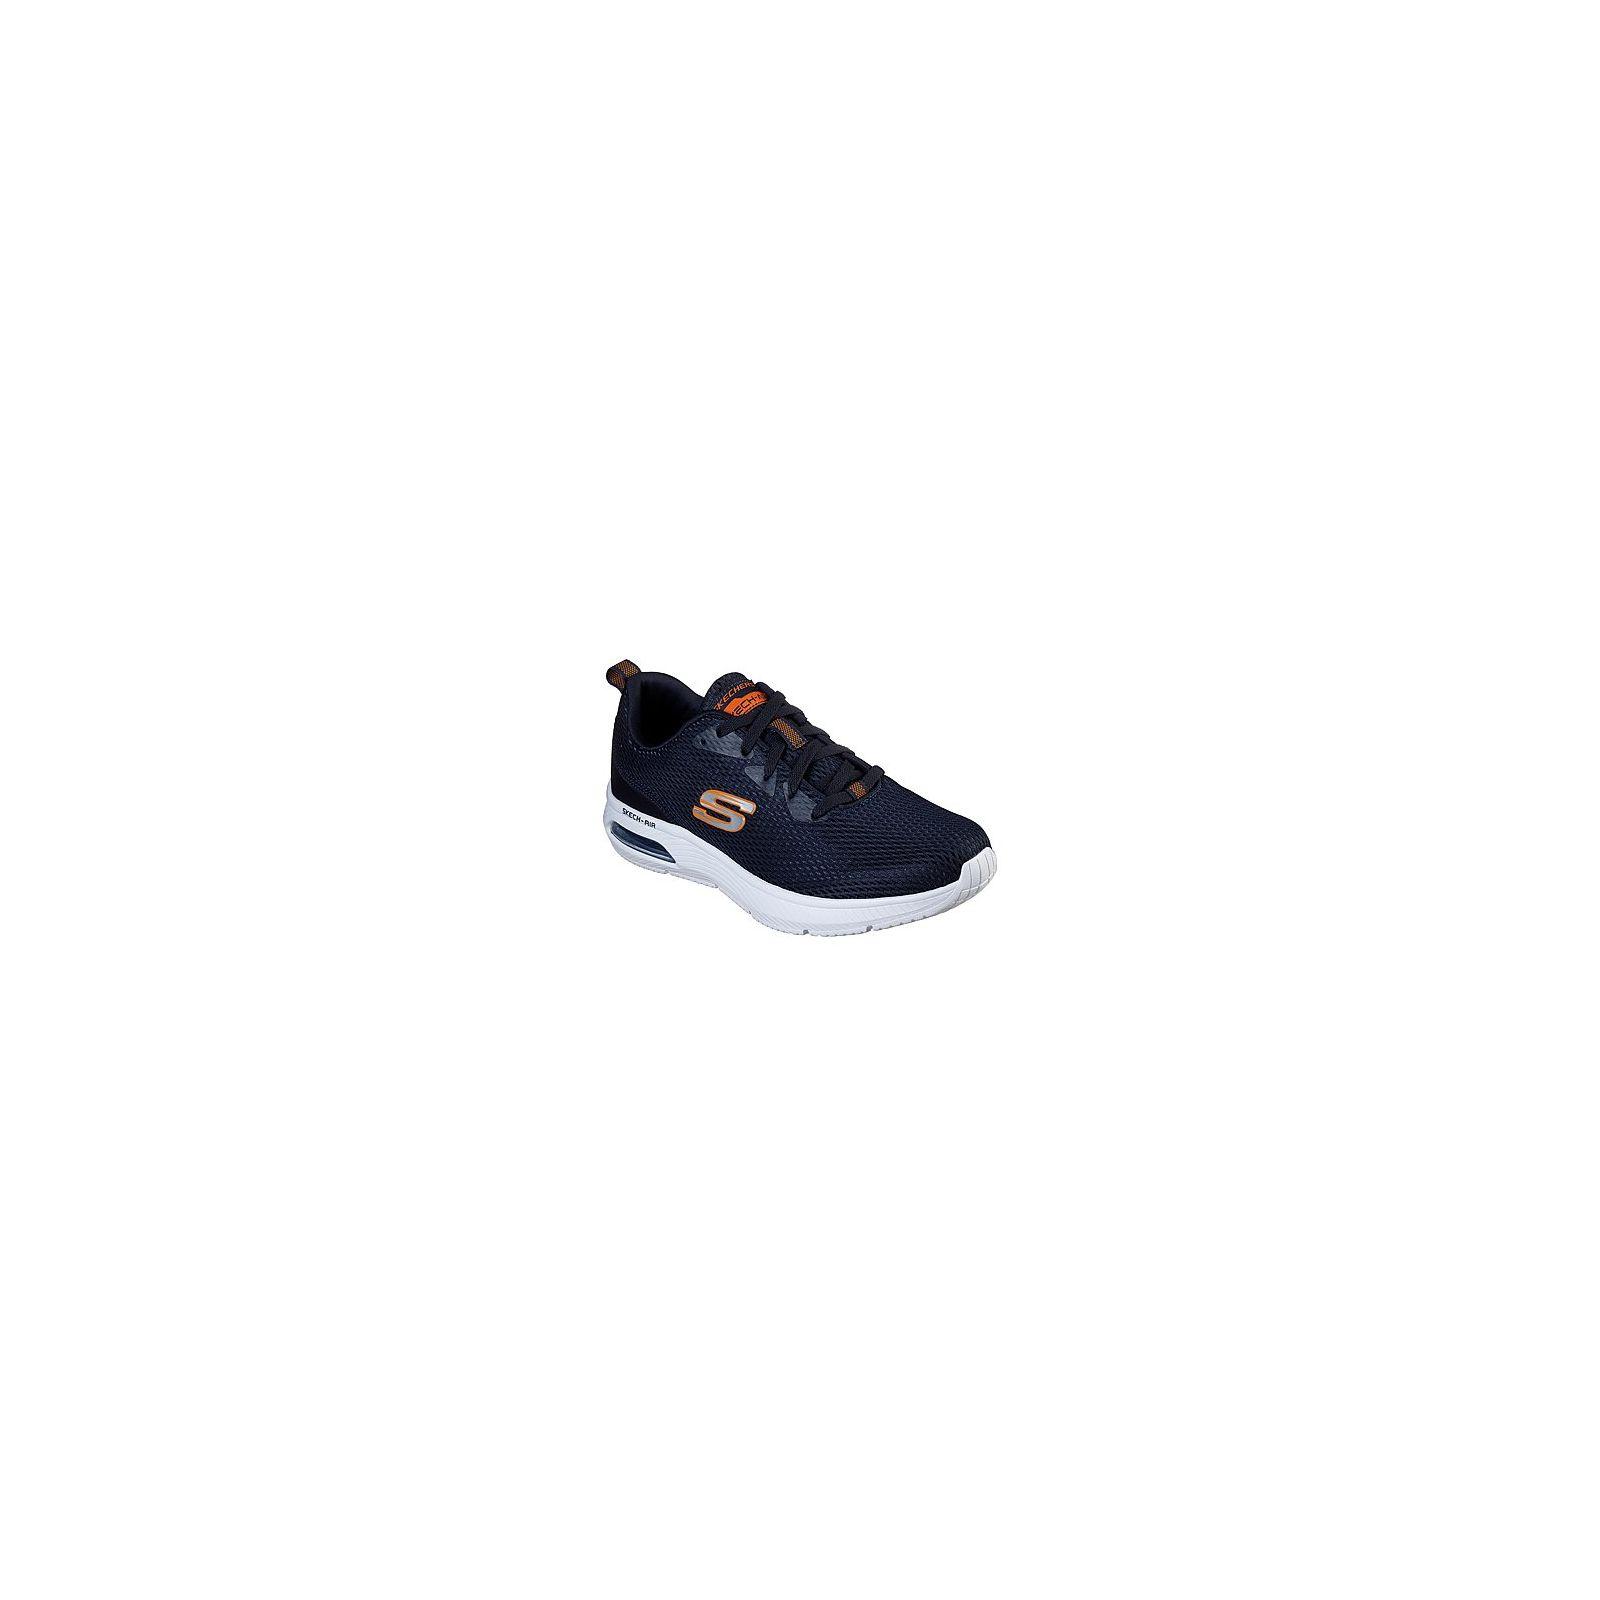 Baskets Homme Skechers Dyna Air (52556) couleur bleu, vue d'ensemble